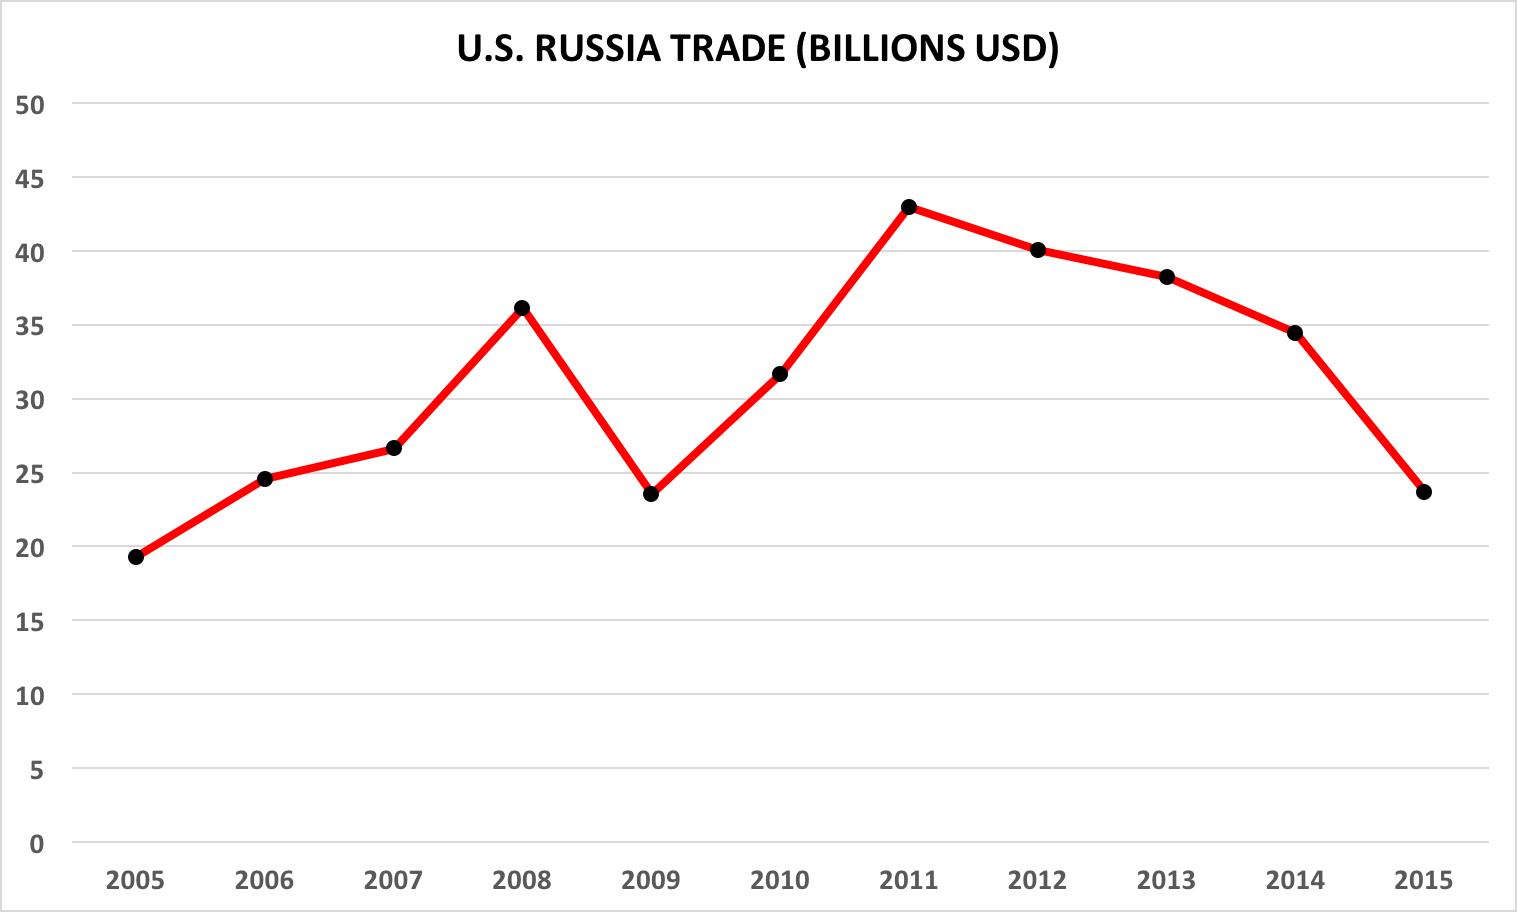 US Russia Trade